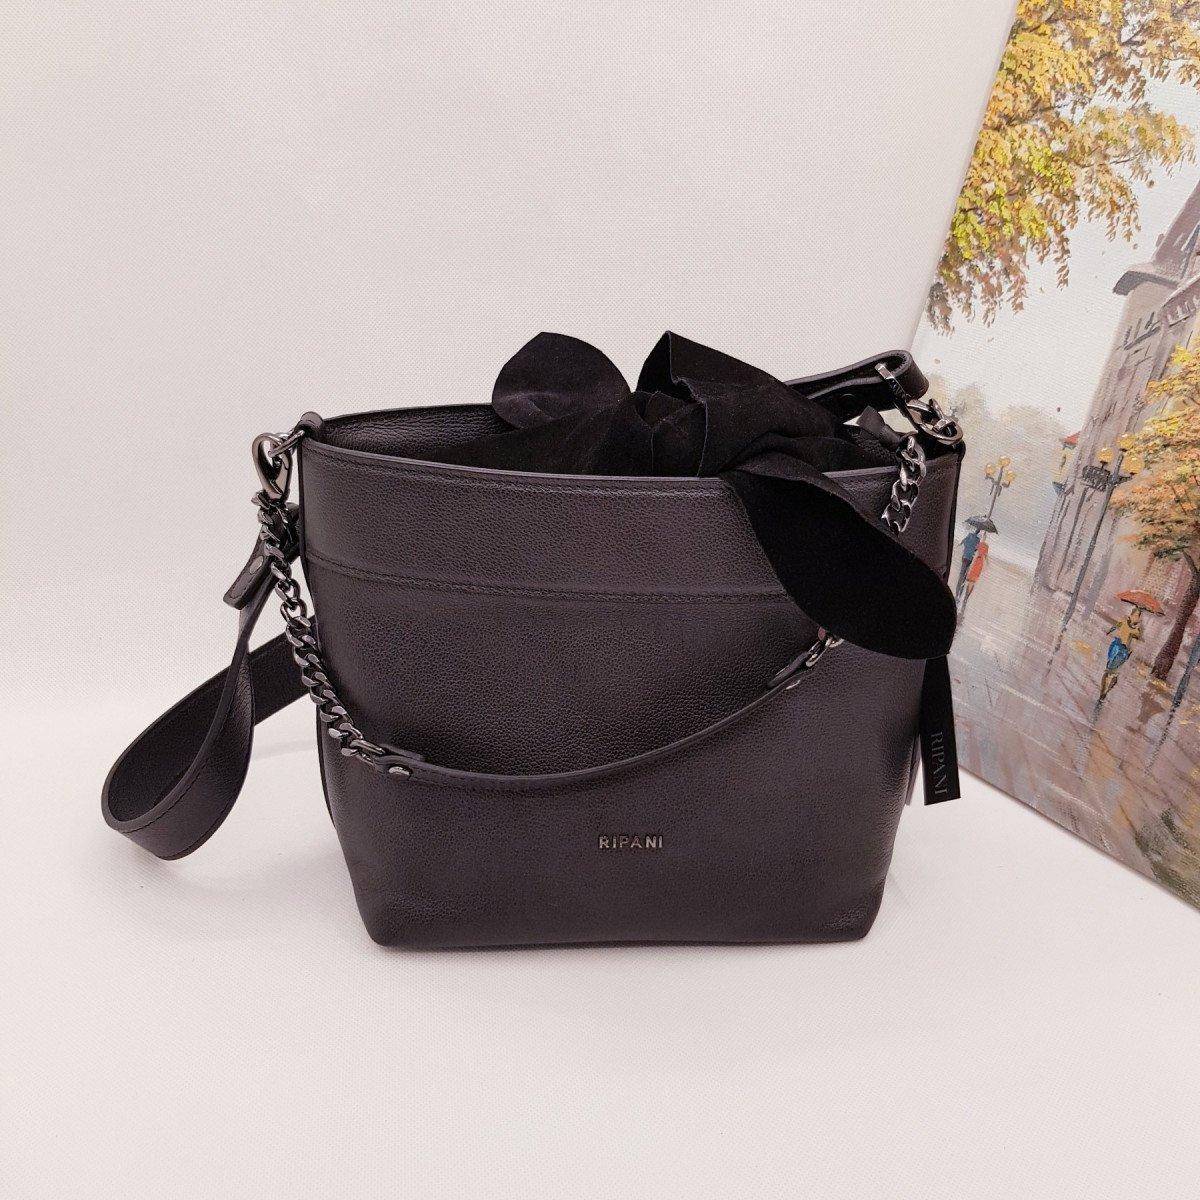 Женская кожаная сумка Ripani 9784CC.00003 nero из натуральной кожи